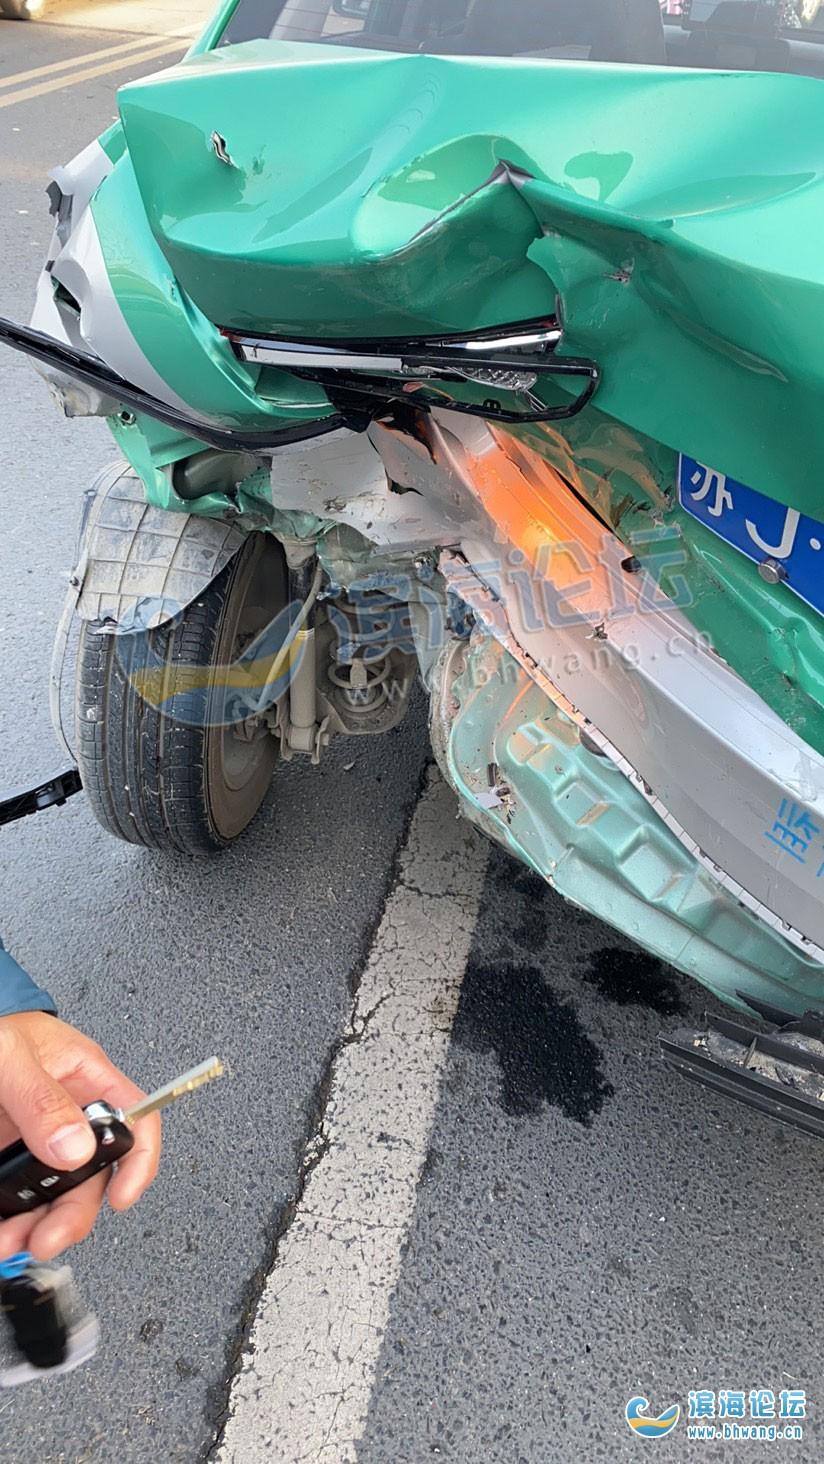 剛剛發生,濱河灣西門發生一起車禍,出租車車尾被撞爛